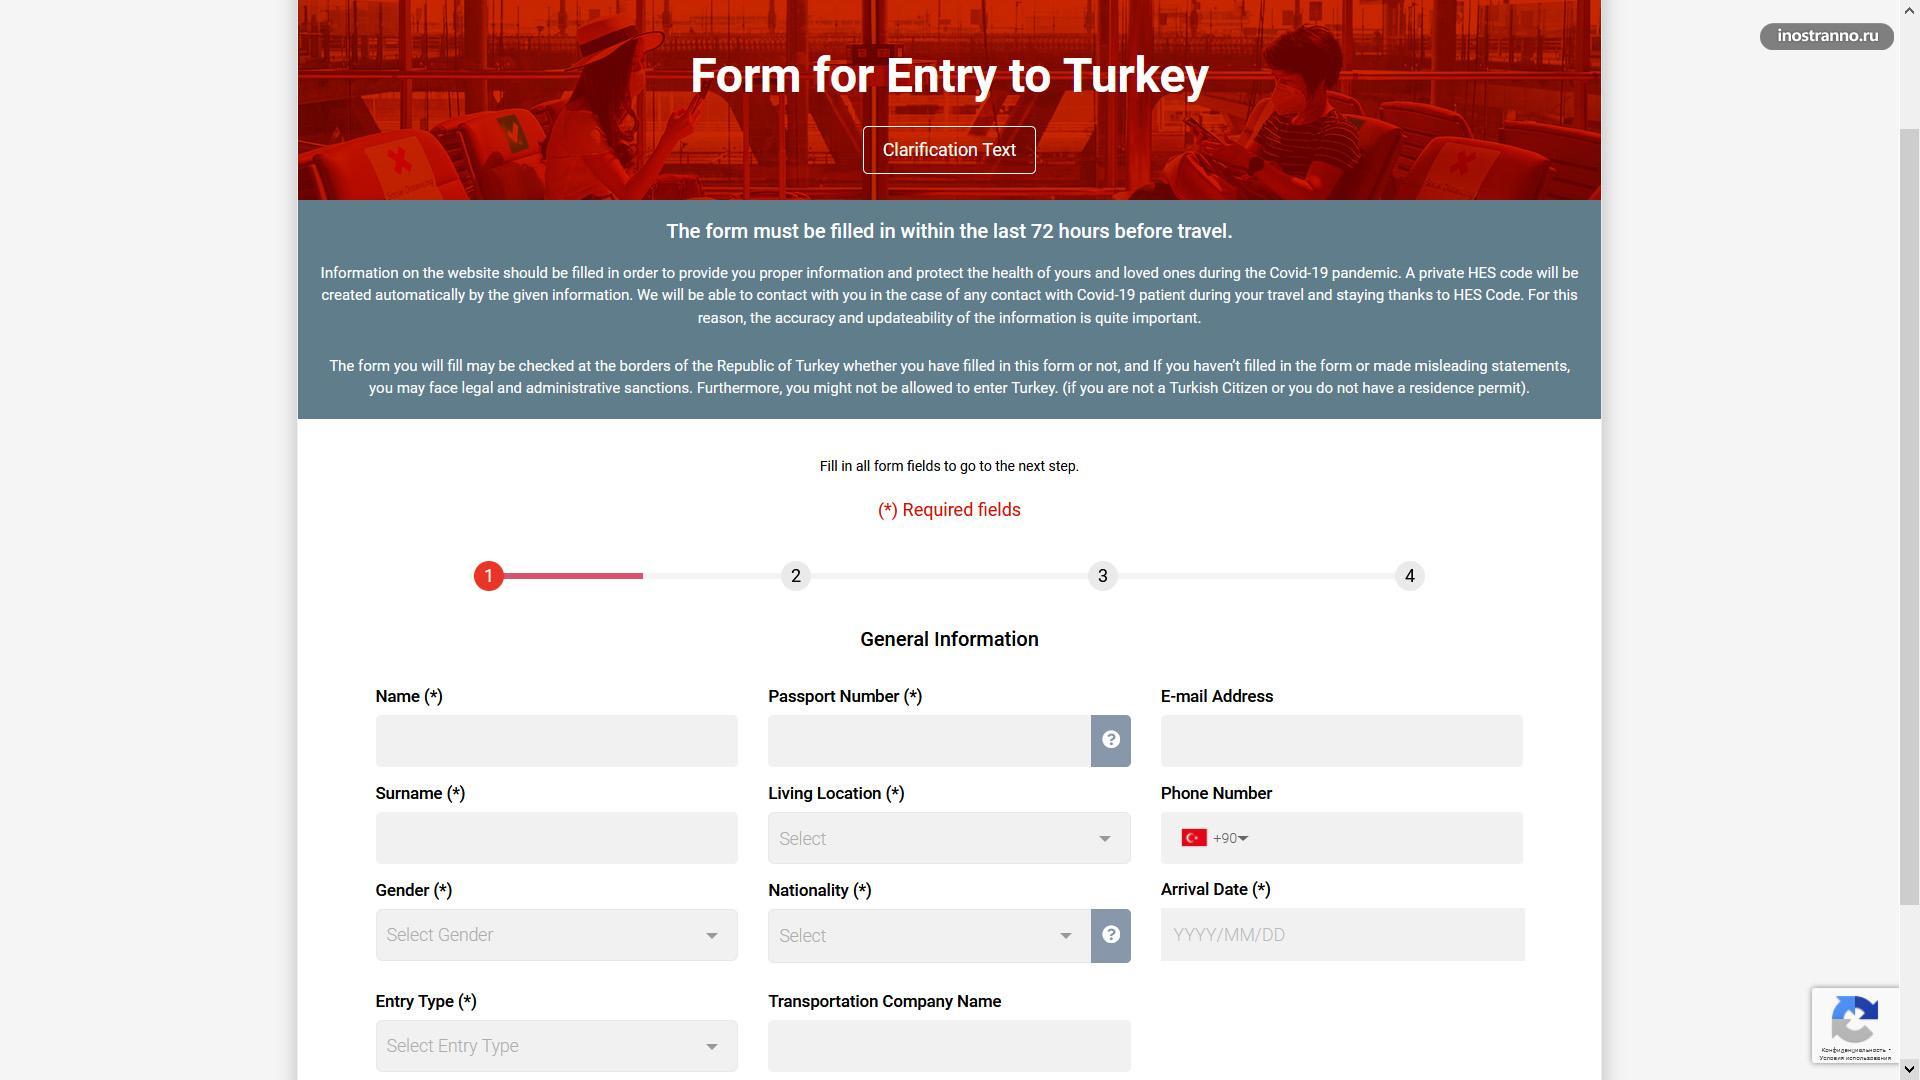 Как заполнять анкету для въезда в Турцию коронавирус